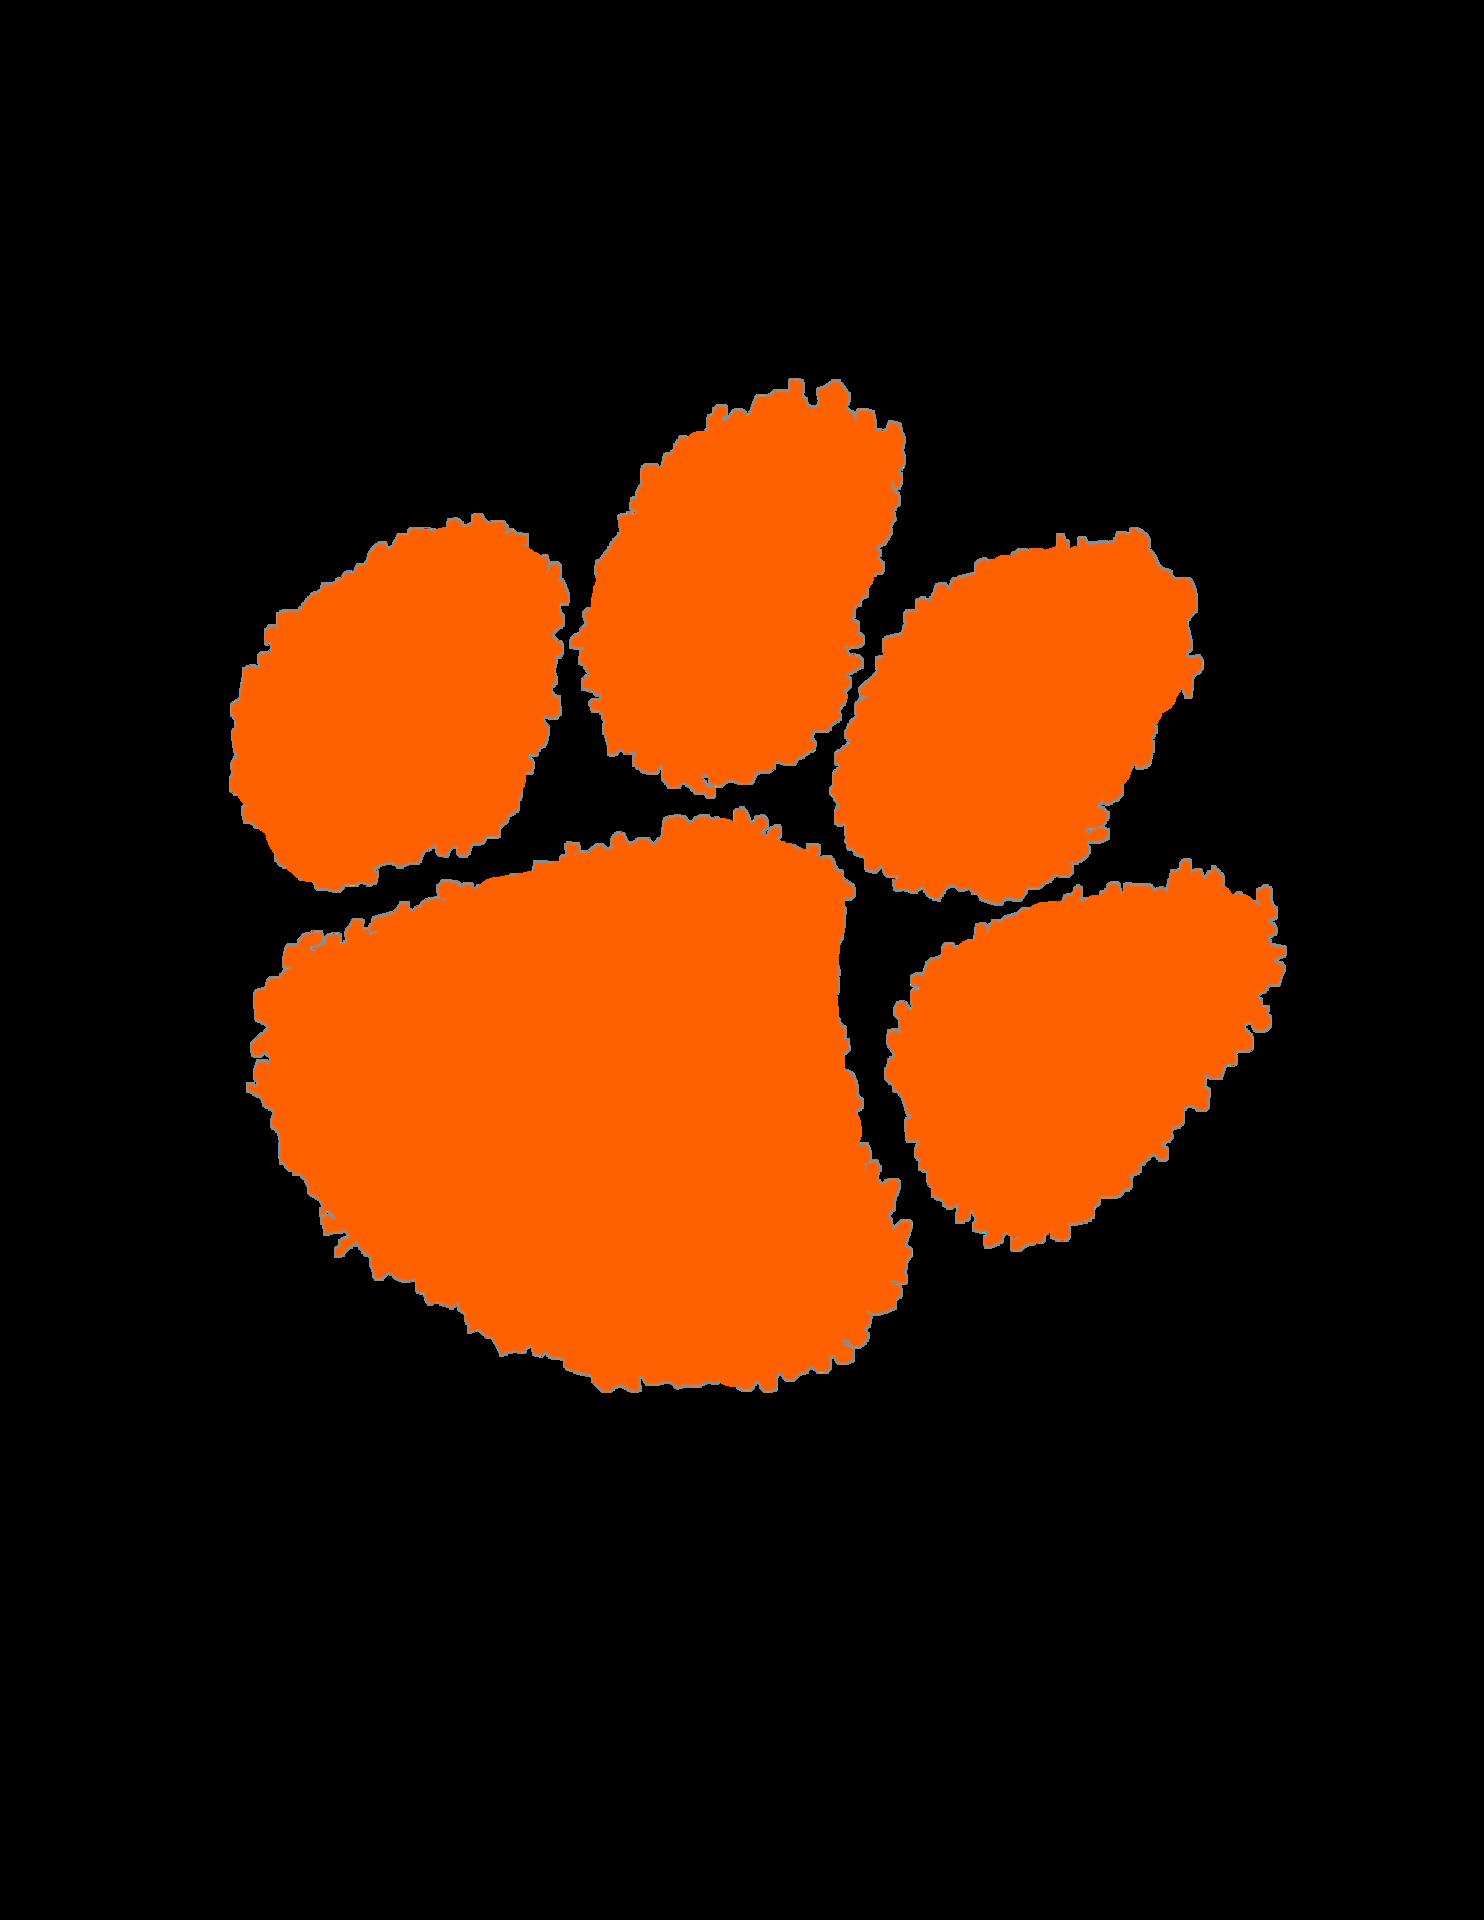 orange cougar paw